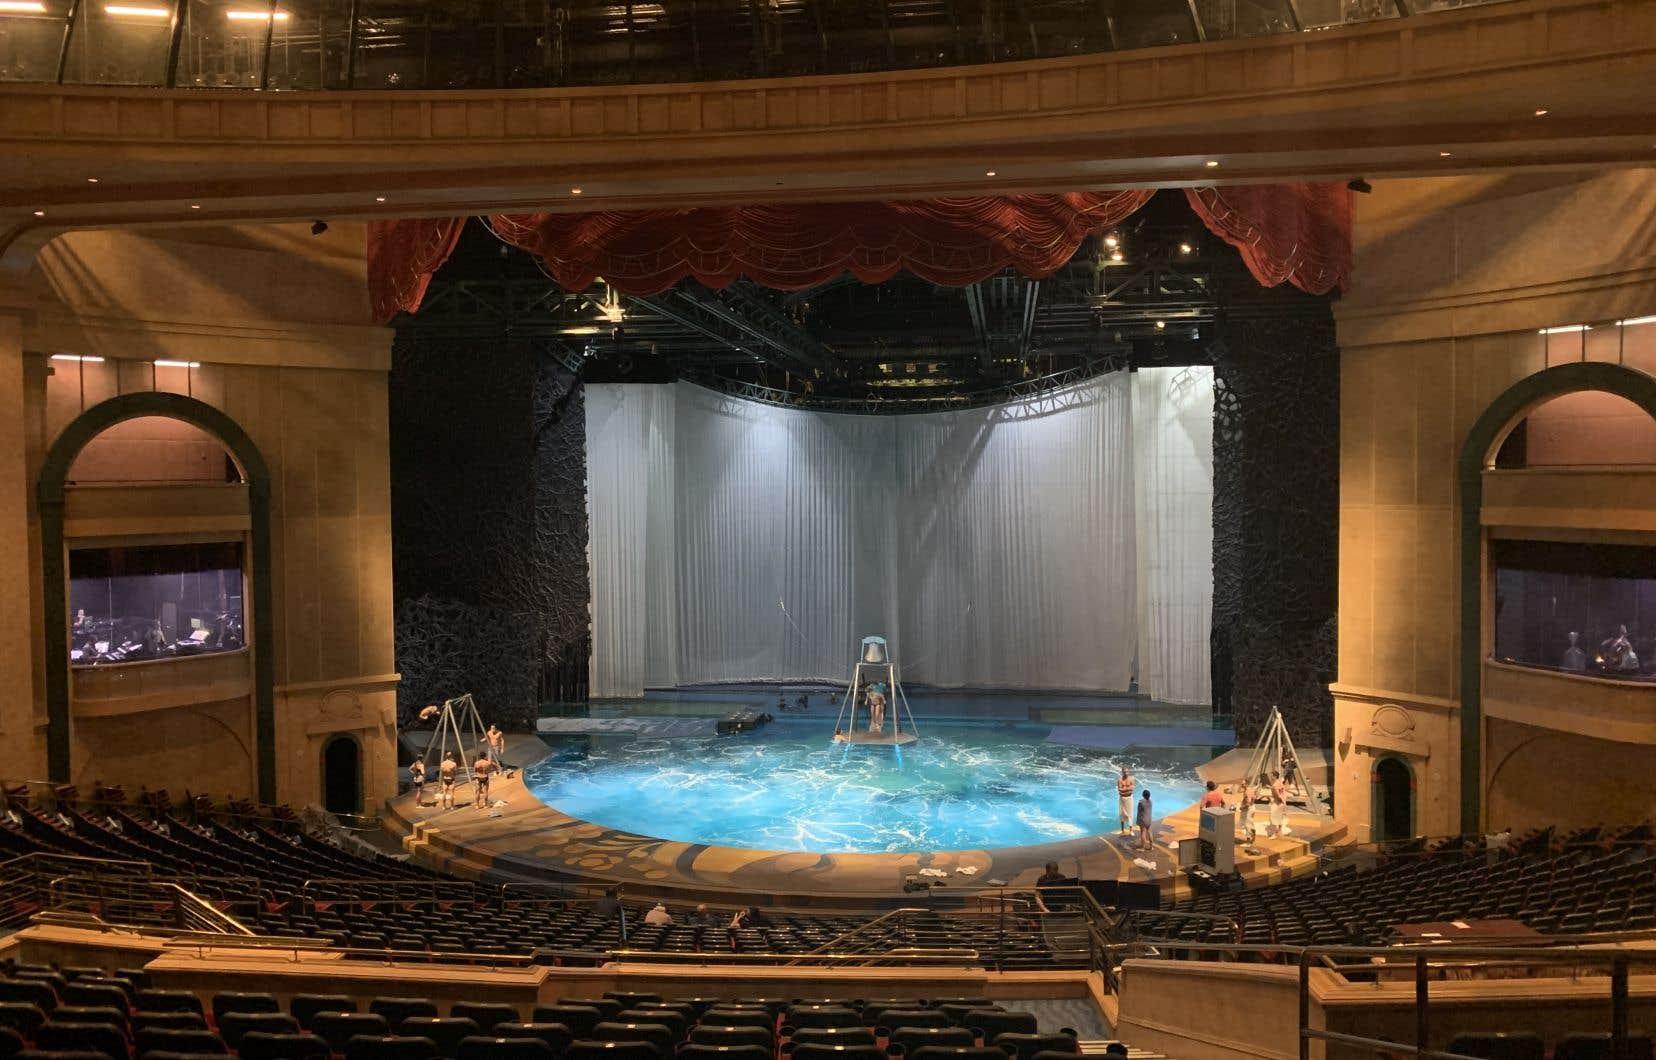 Parmi les spectacles les plus attendus de Las Vegas, il y a sans aucun doute ceux du Cirque du Soleil.